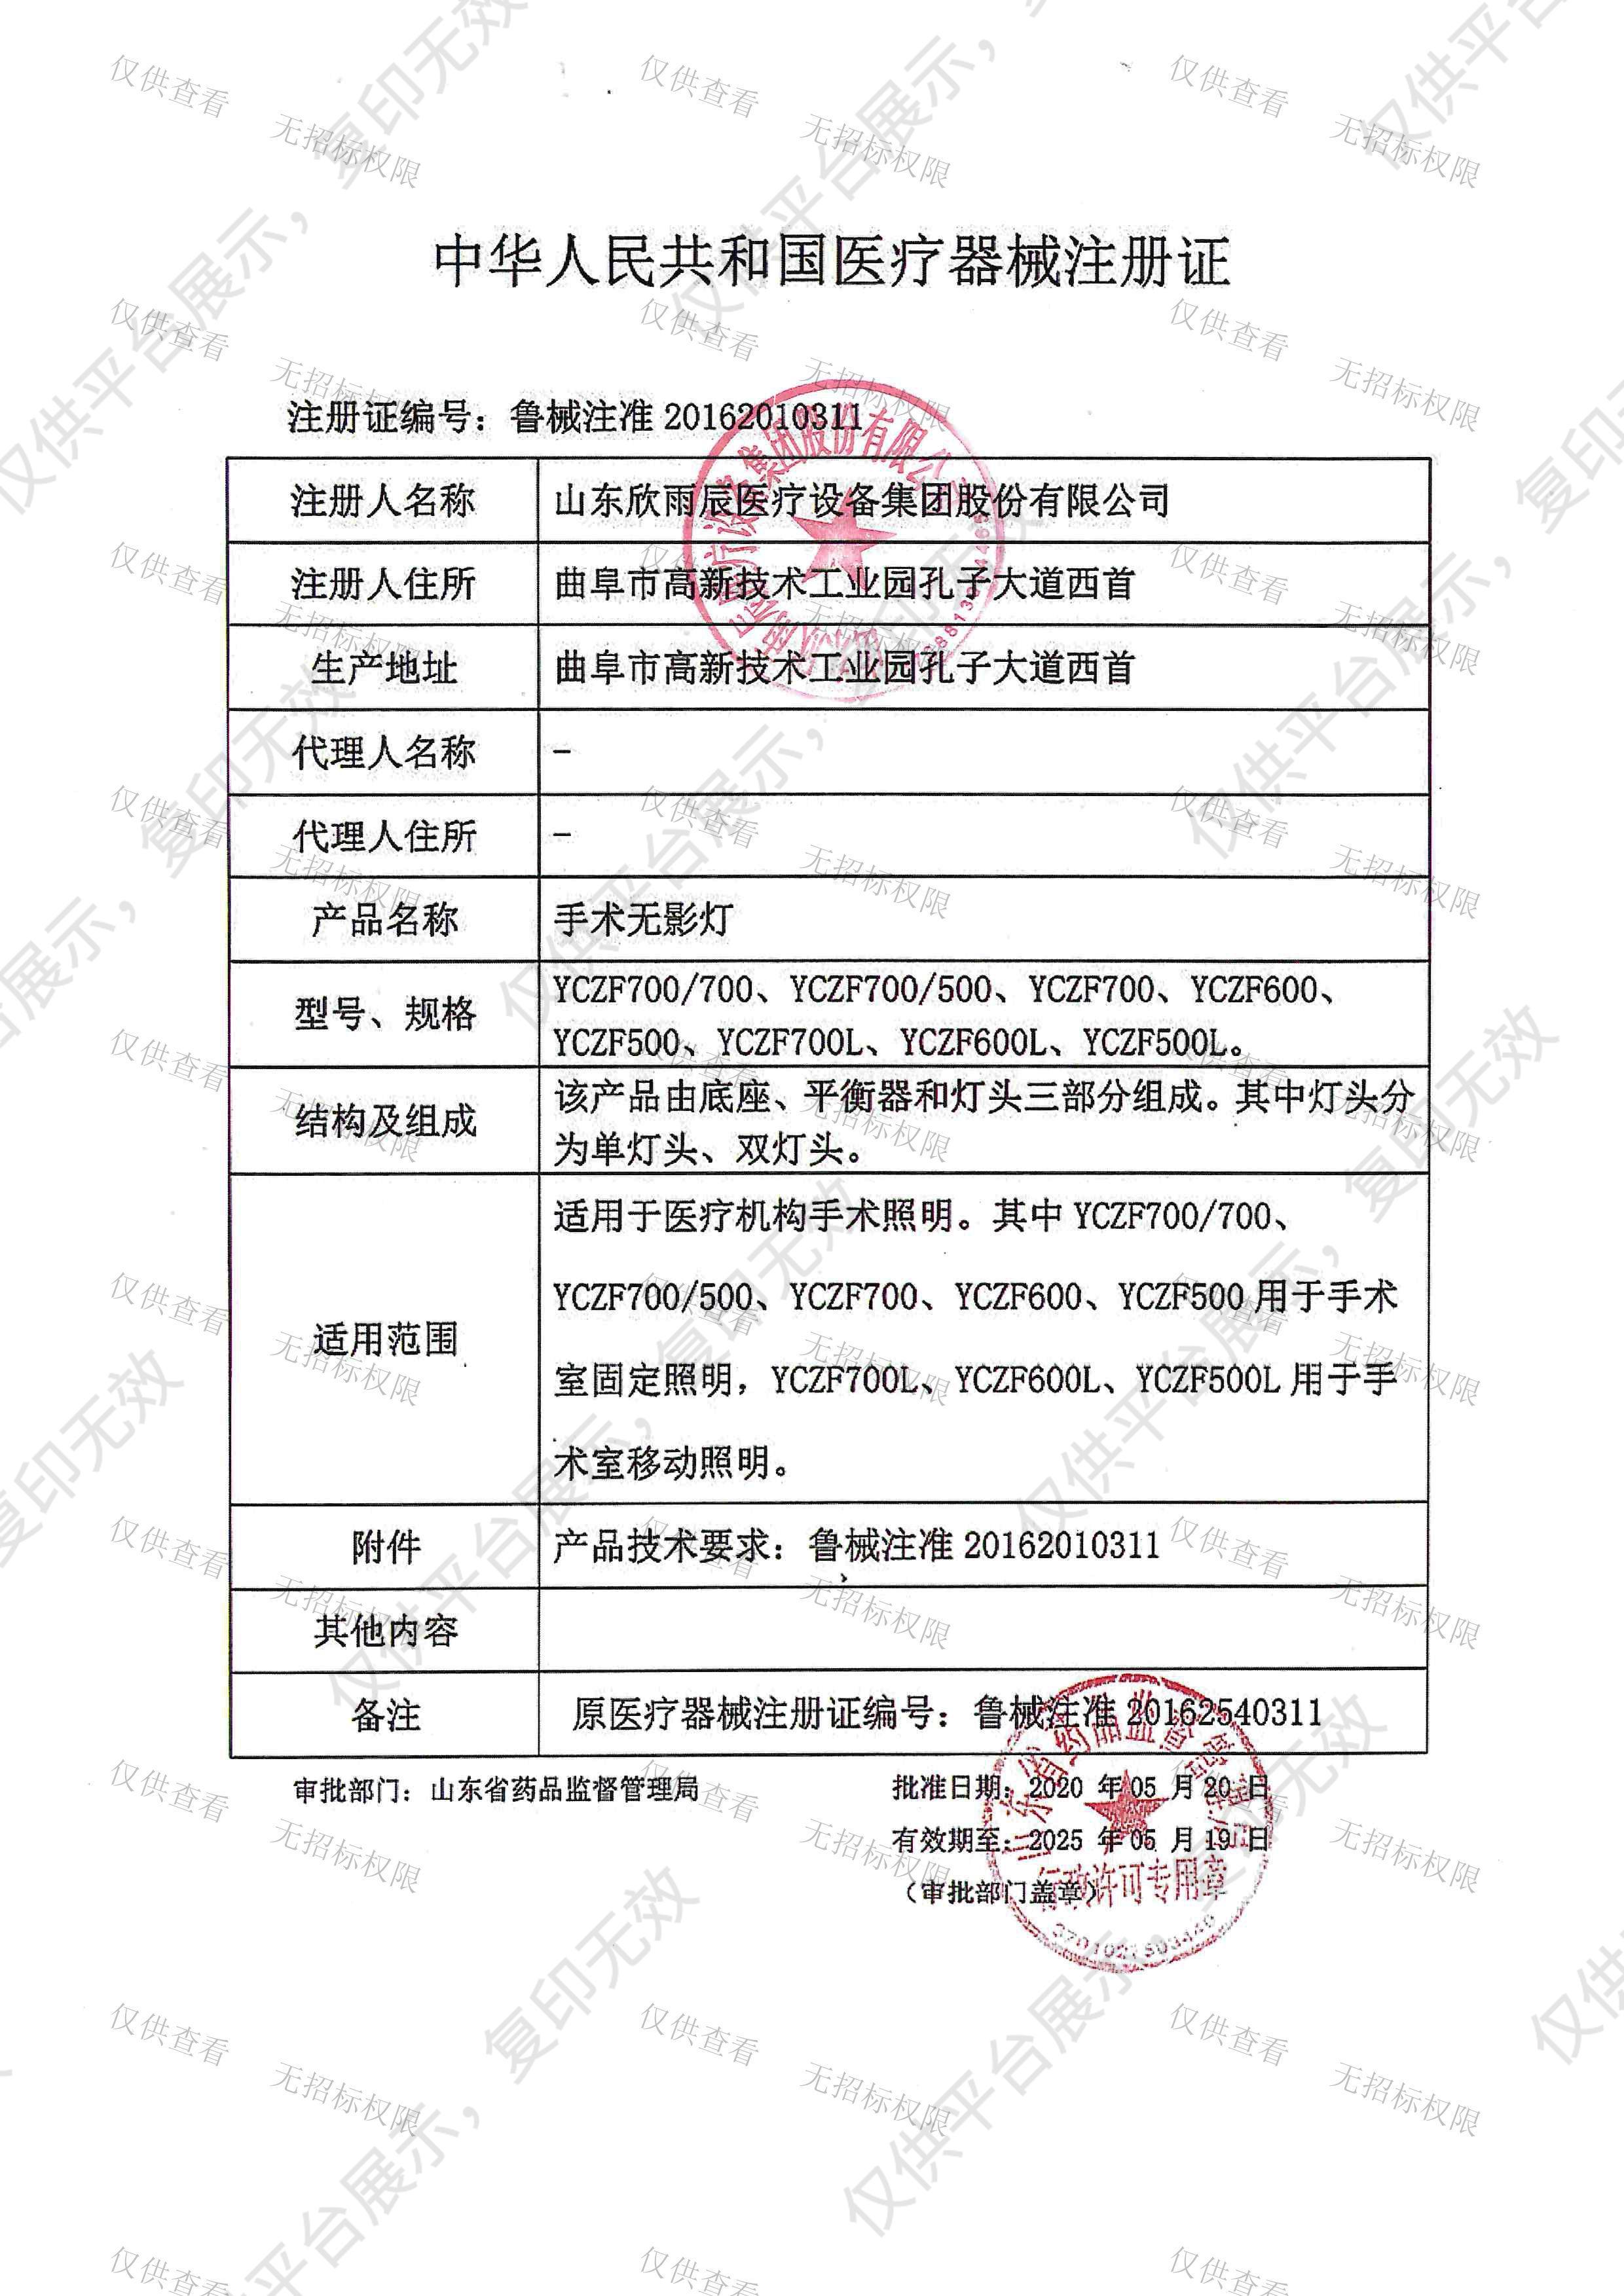 欣雨辰XINYUCHEN 手术无影灯 YCZF700注册证